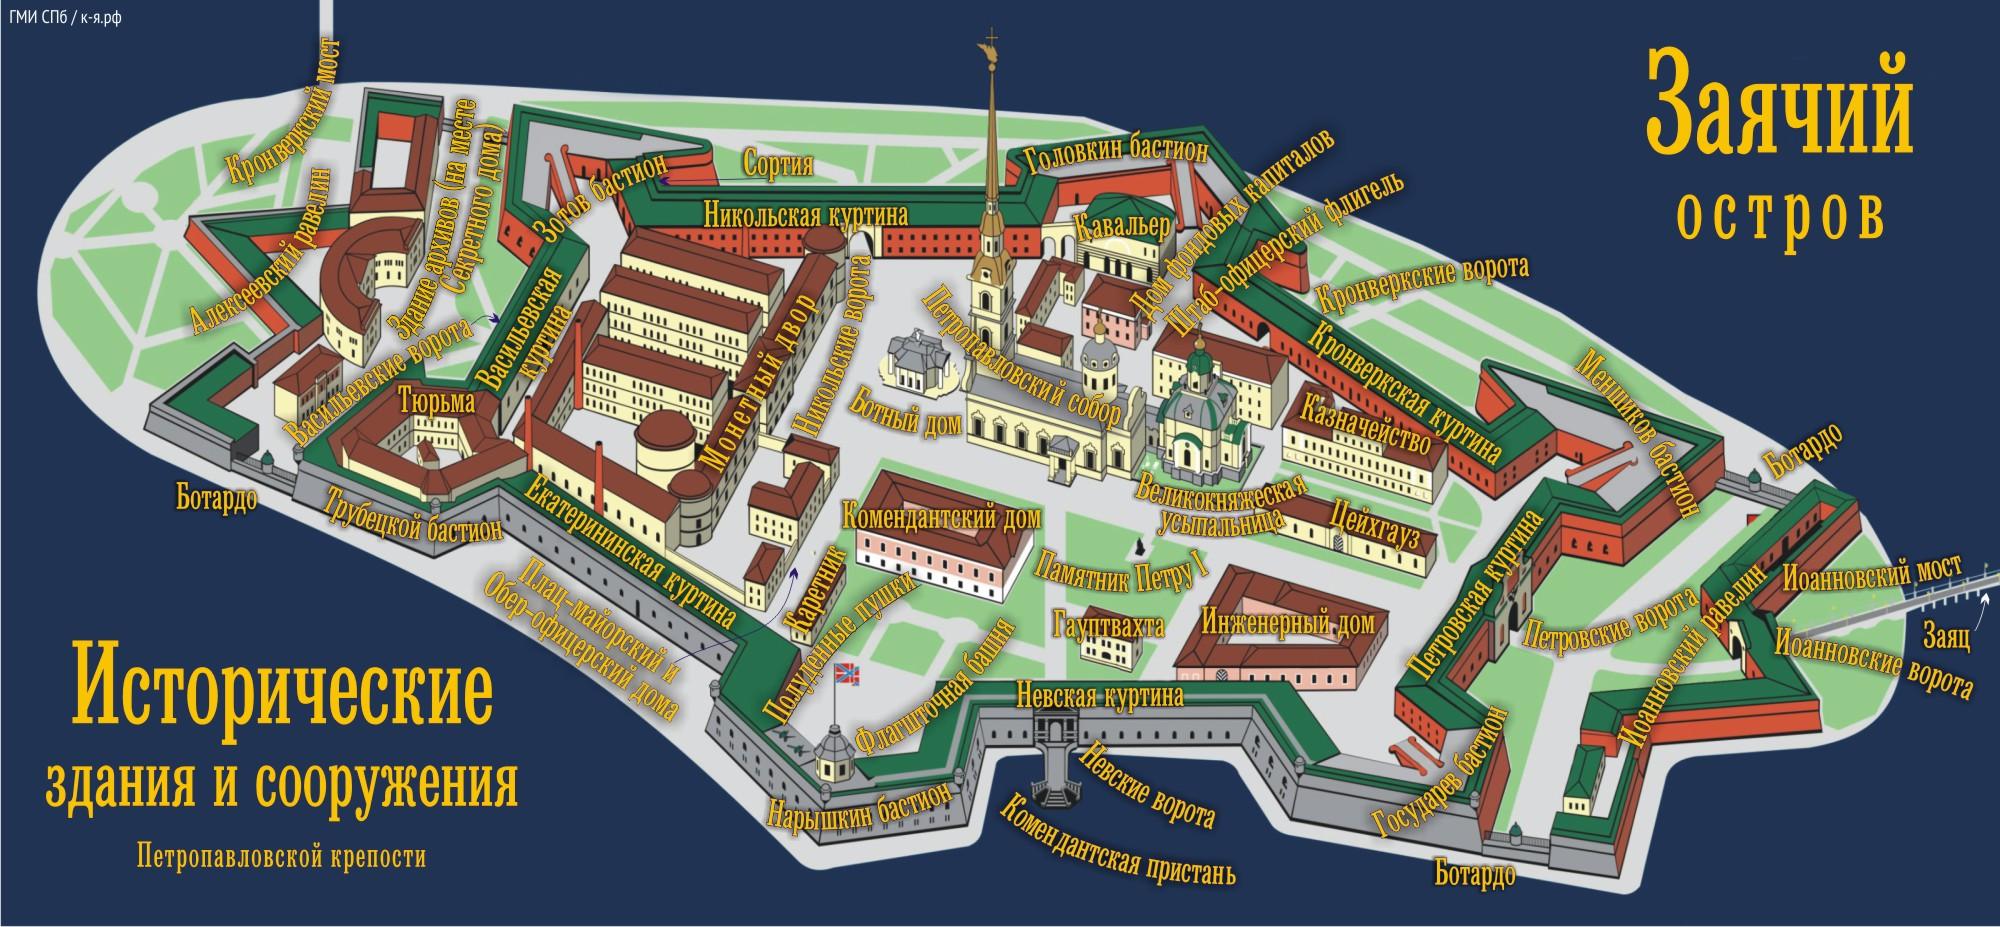 План схема петропавловской крепости.